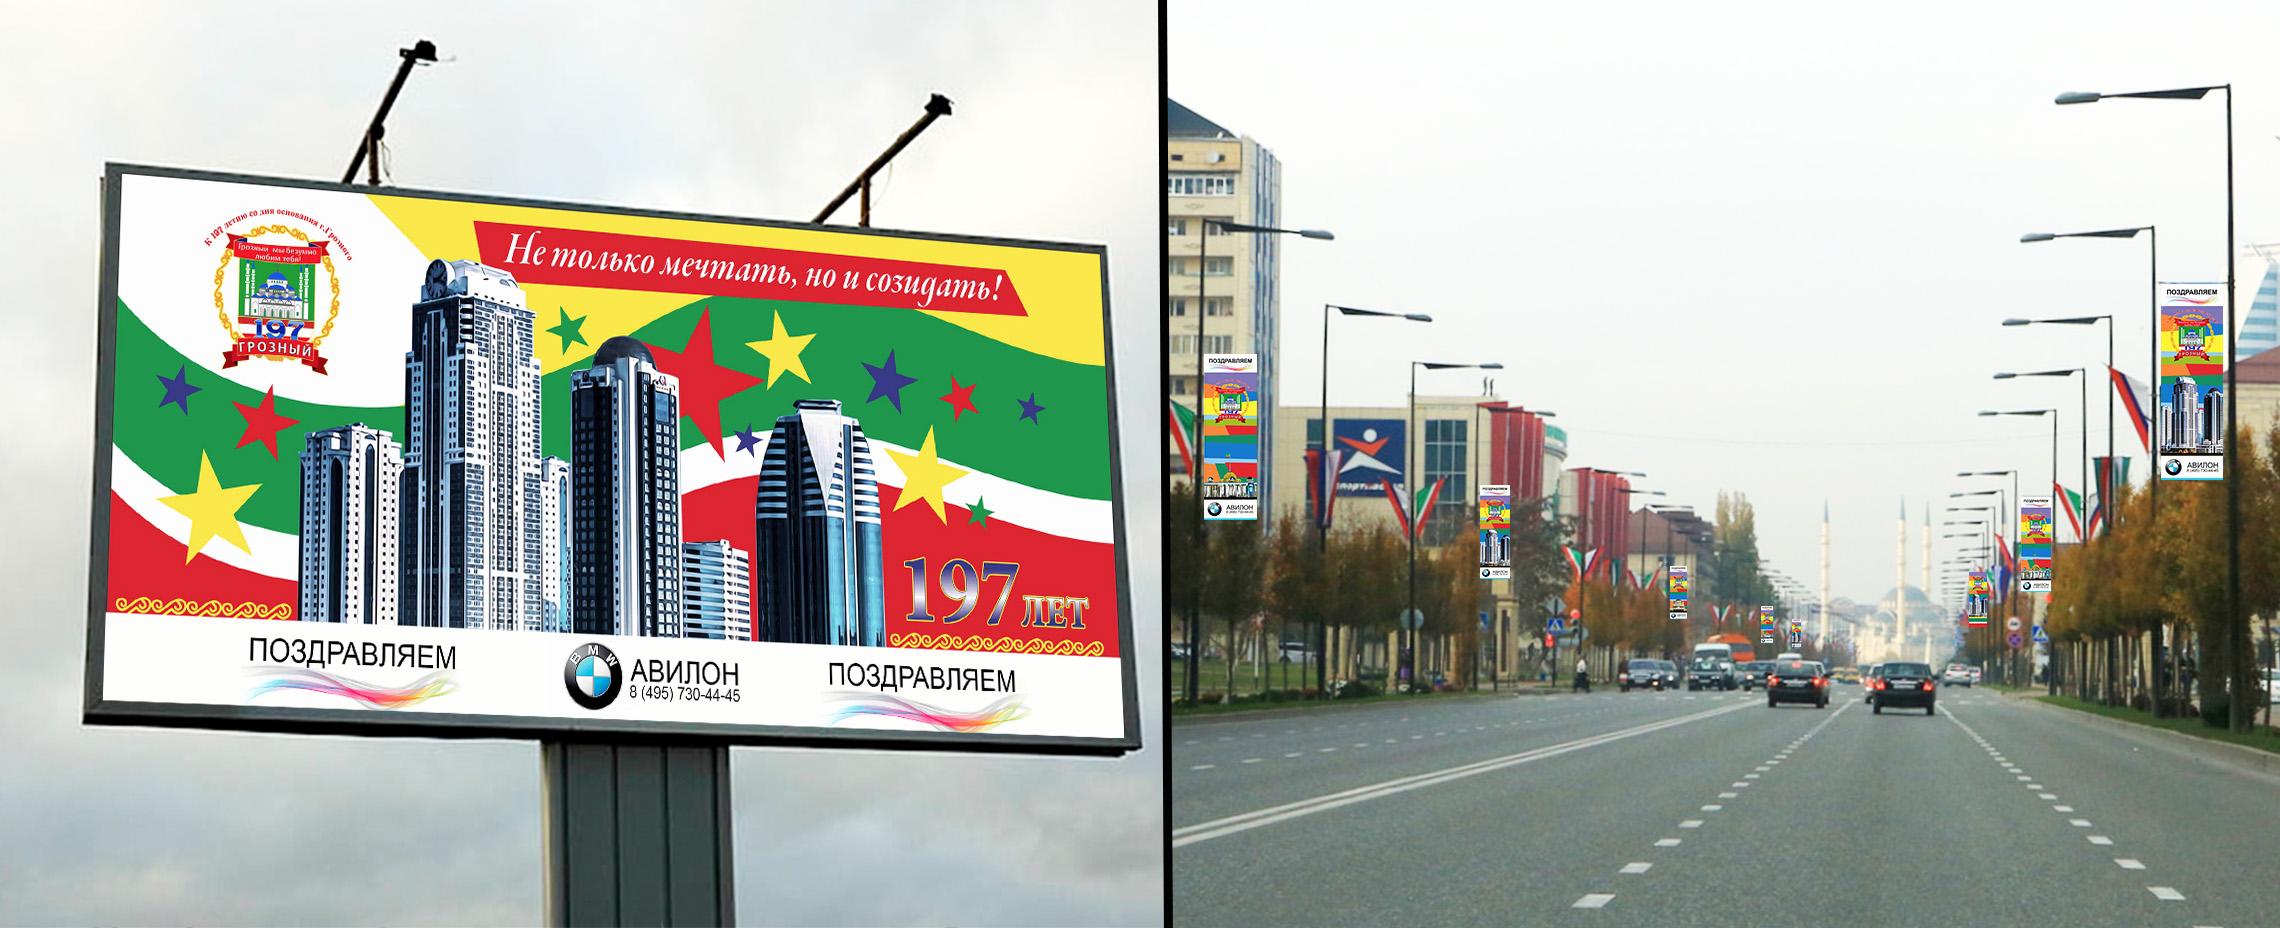 Реклама на городских праздниках в Чечне Грозный